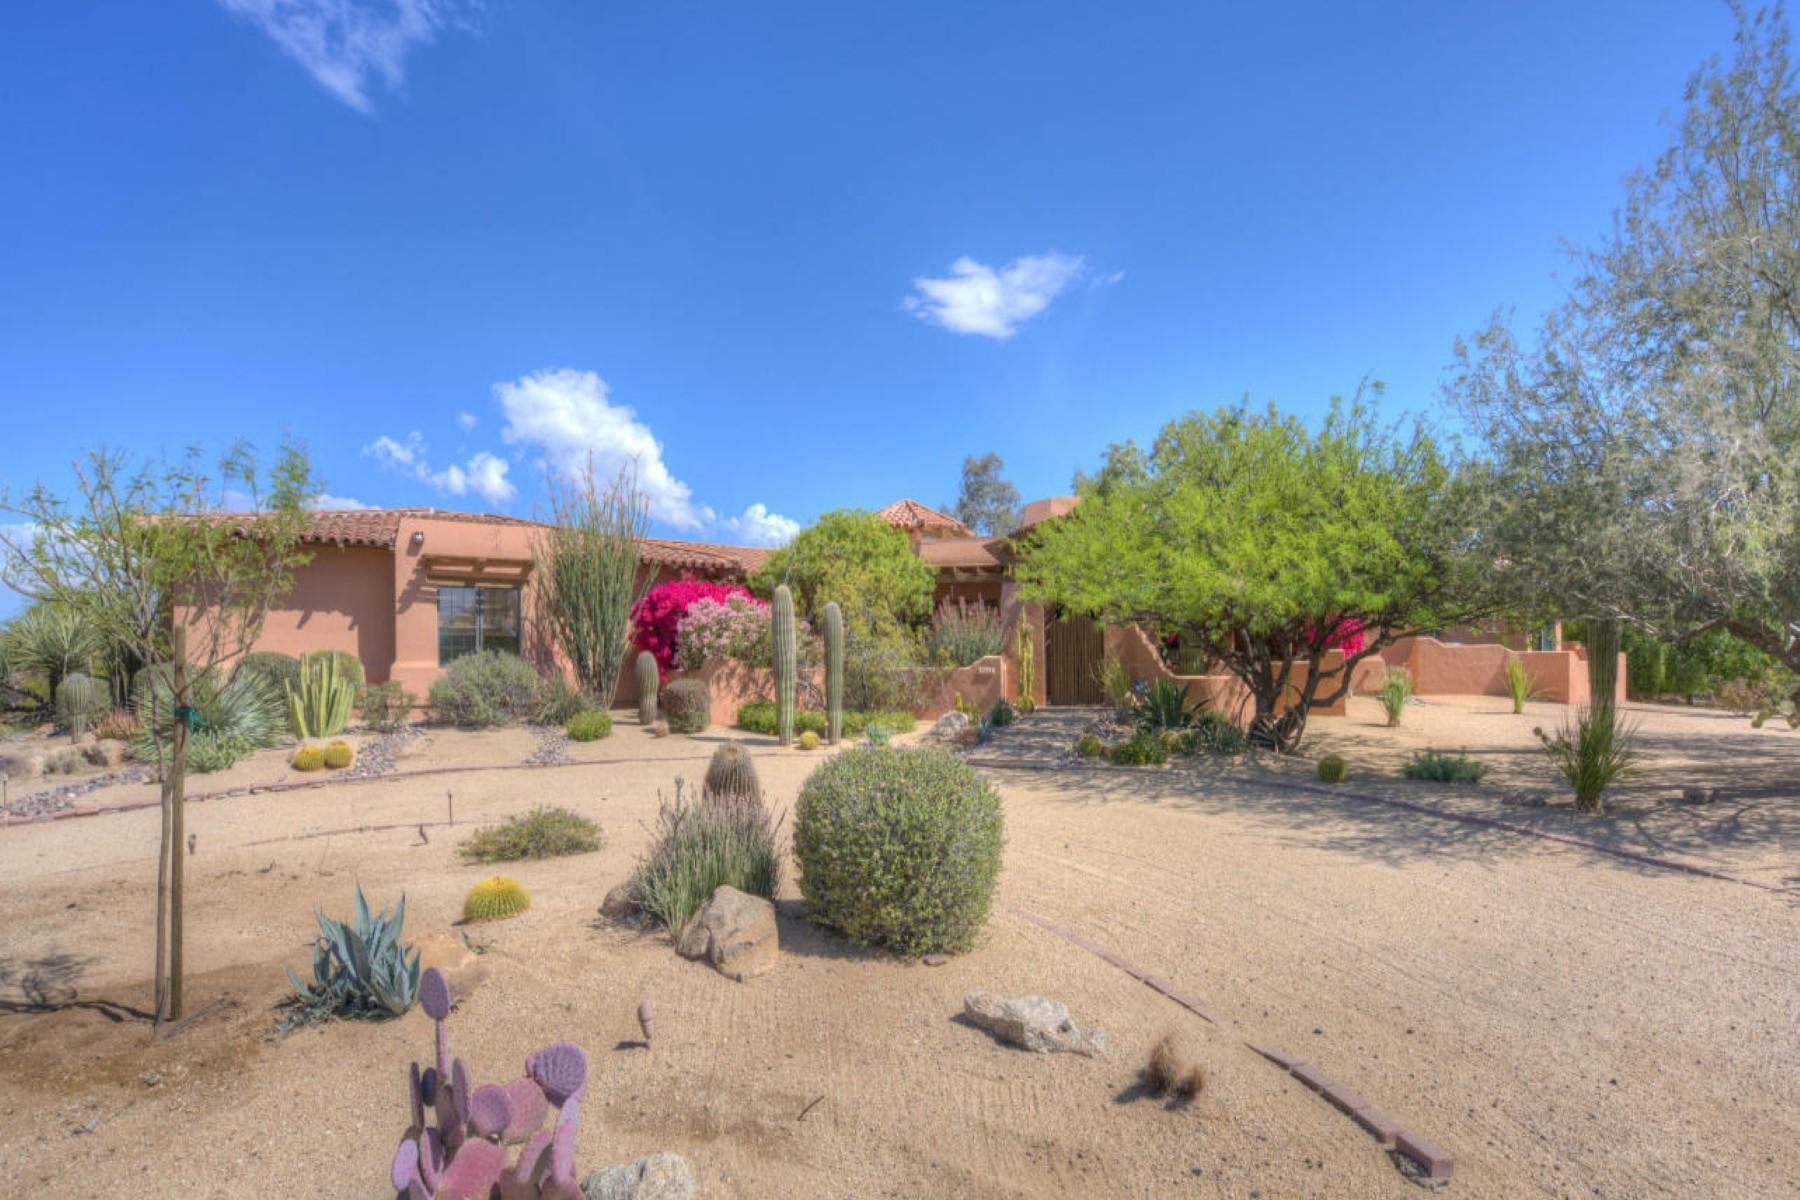 Частный односемейный дом для того Продажа на Romantic Courtyard Home with Mexican Influence in Pinnacle Peak Estates 24209 N 85th Street Scottsdale, Аризона, 85255 Соединенные Штаты